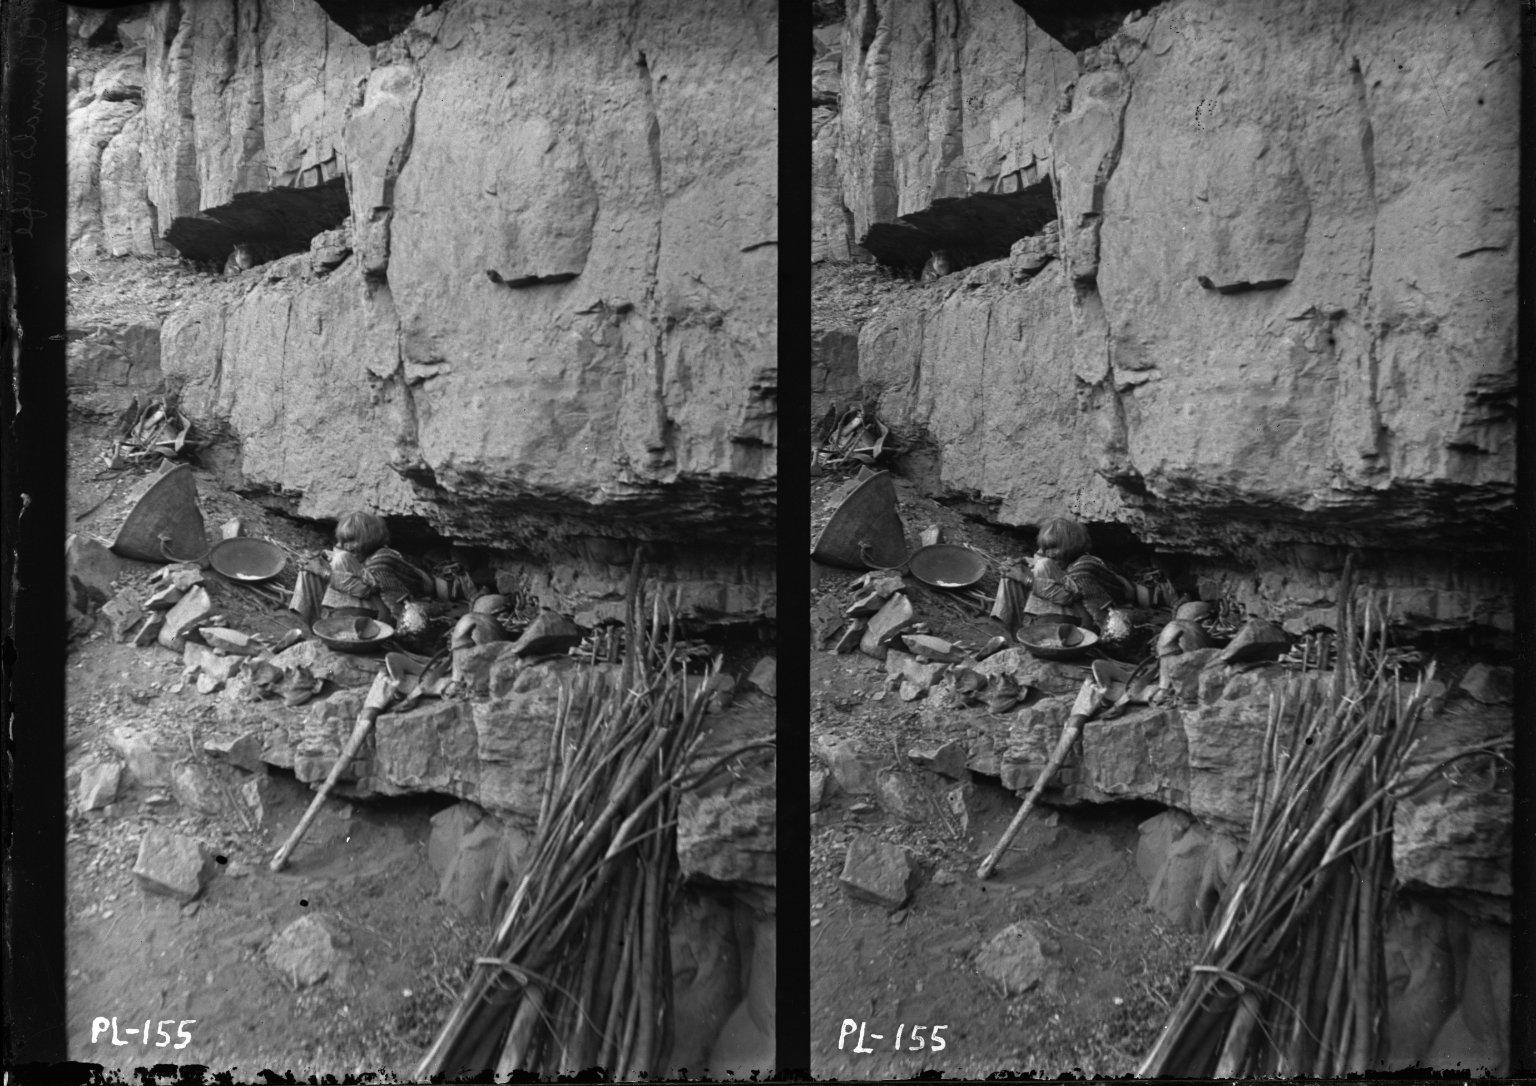 Jimatre -- Old Woman's Homeshelf in Rocks